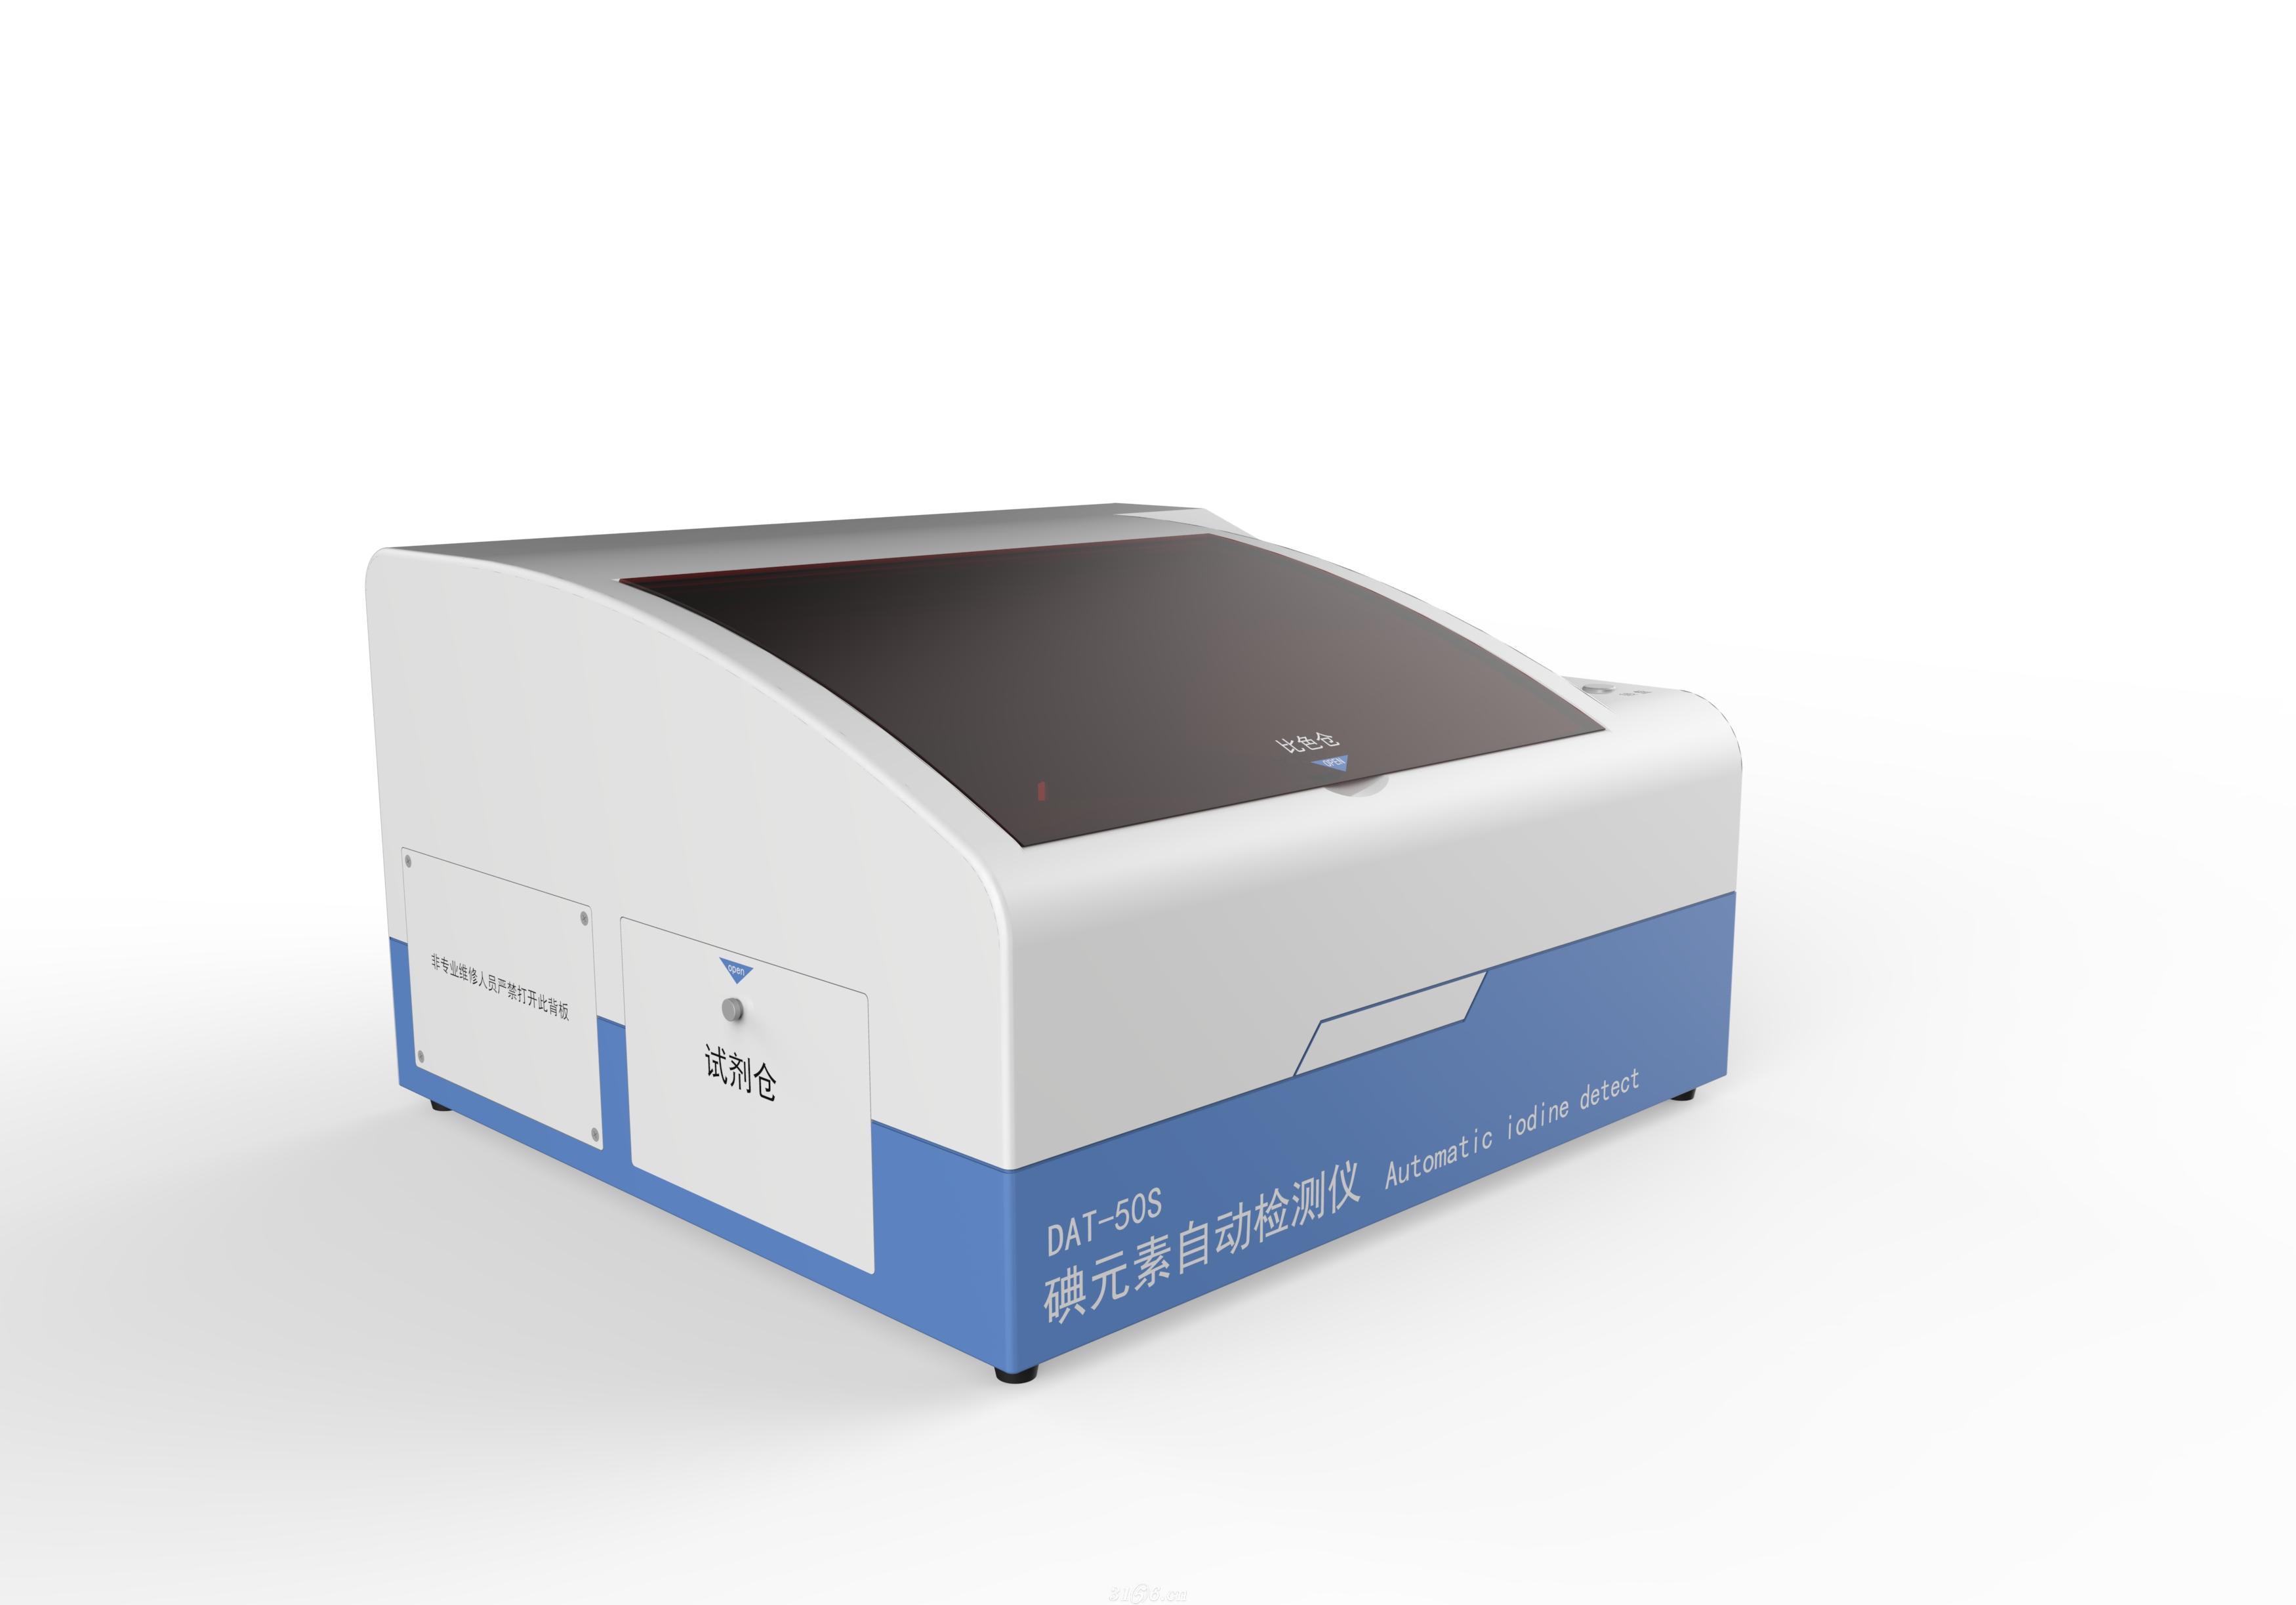 尿碘全自动检测仪DAT-50S(疾控专用)8点定标